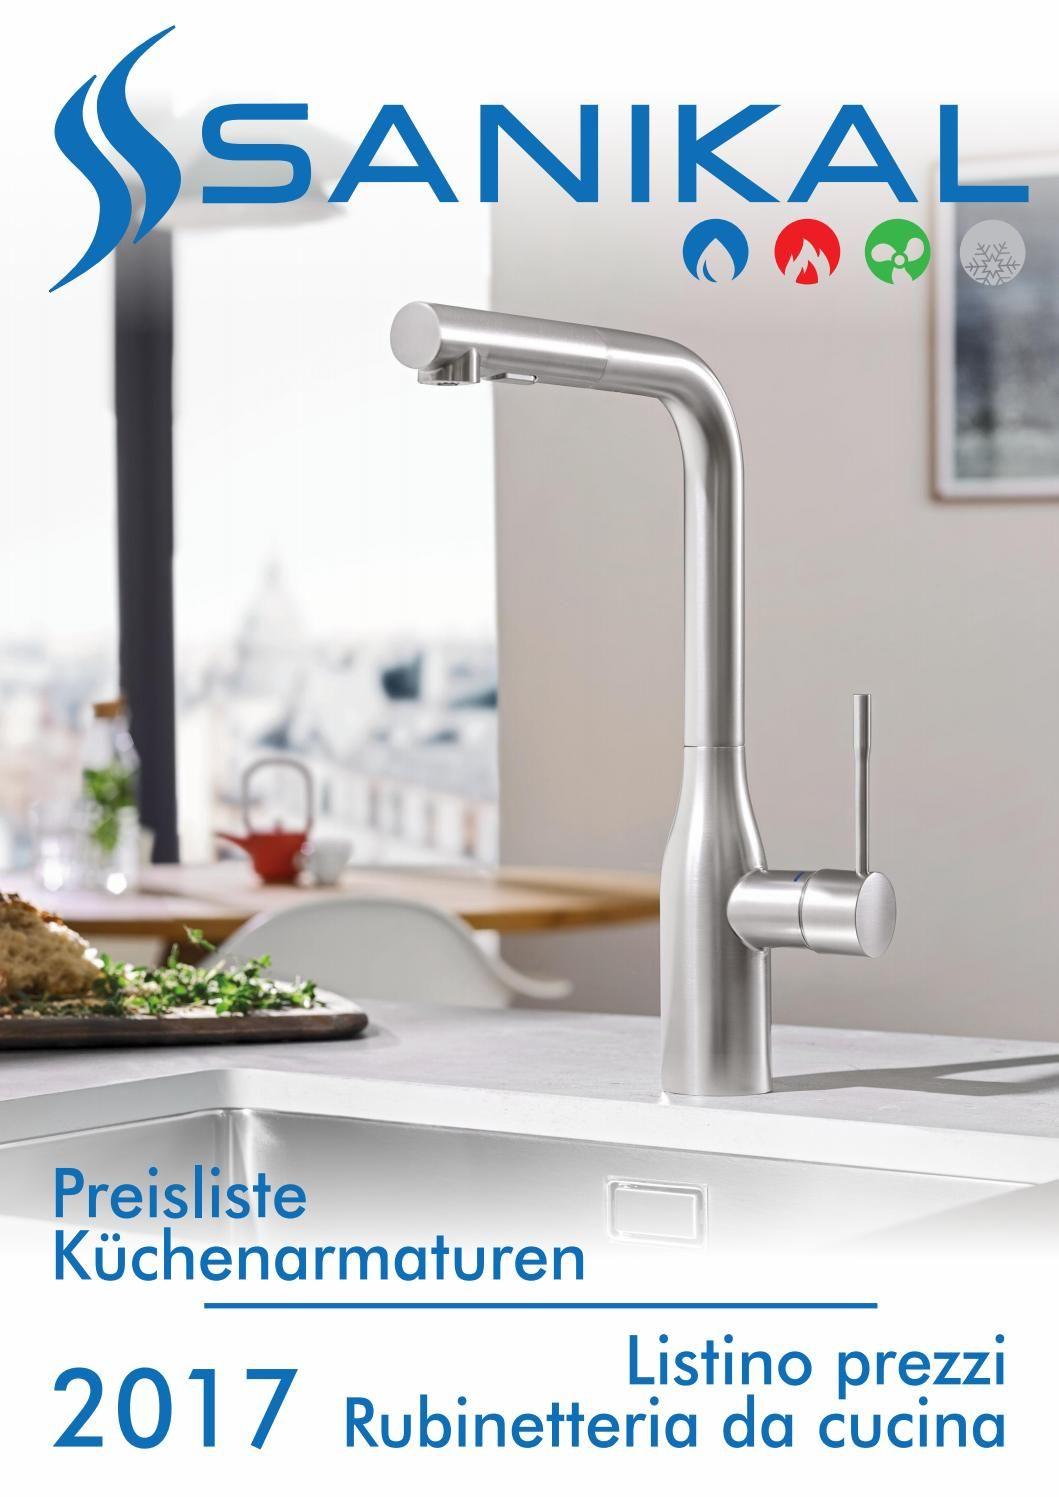 Großartig Billige Küchenarmaturen Home Depot Bilder - Küchenschrank ...